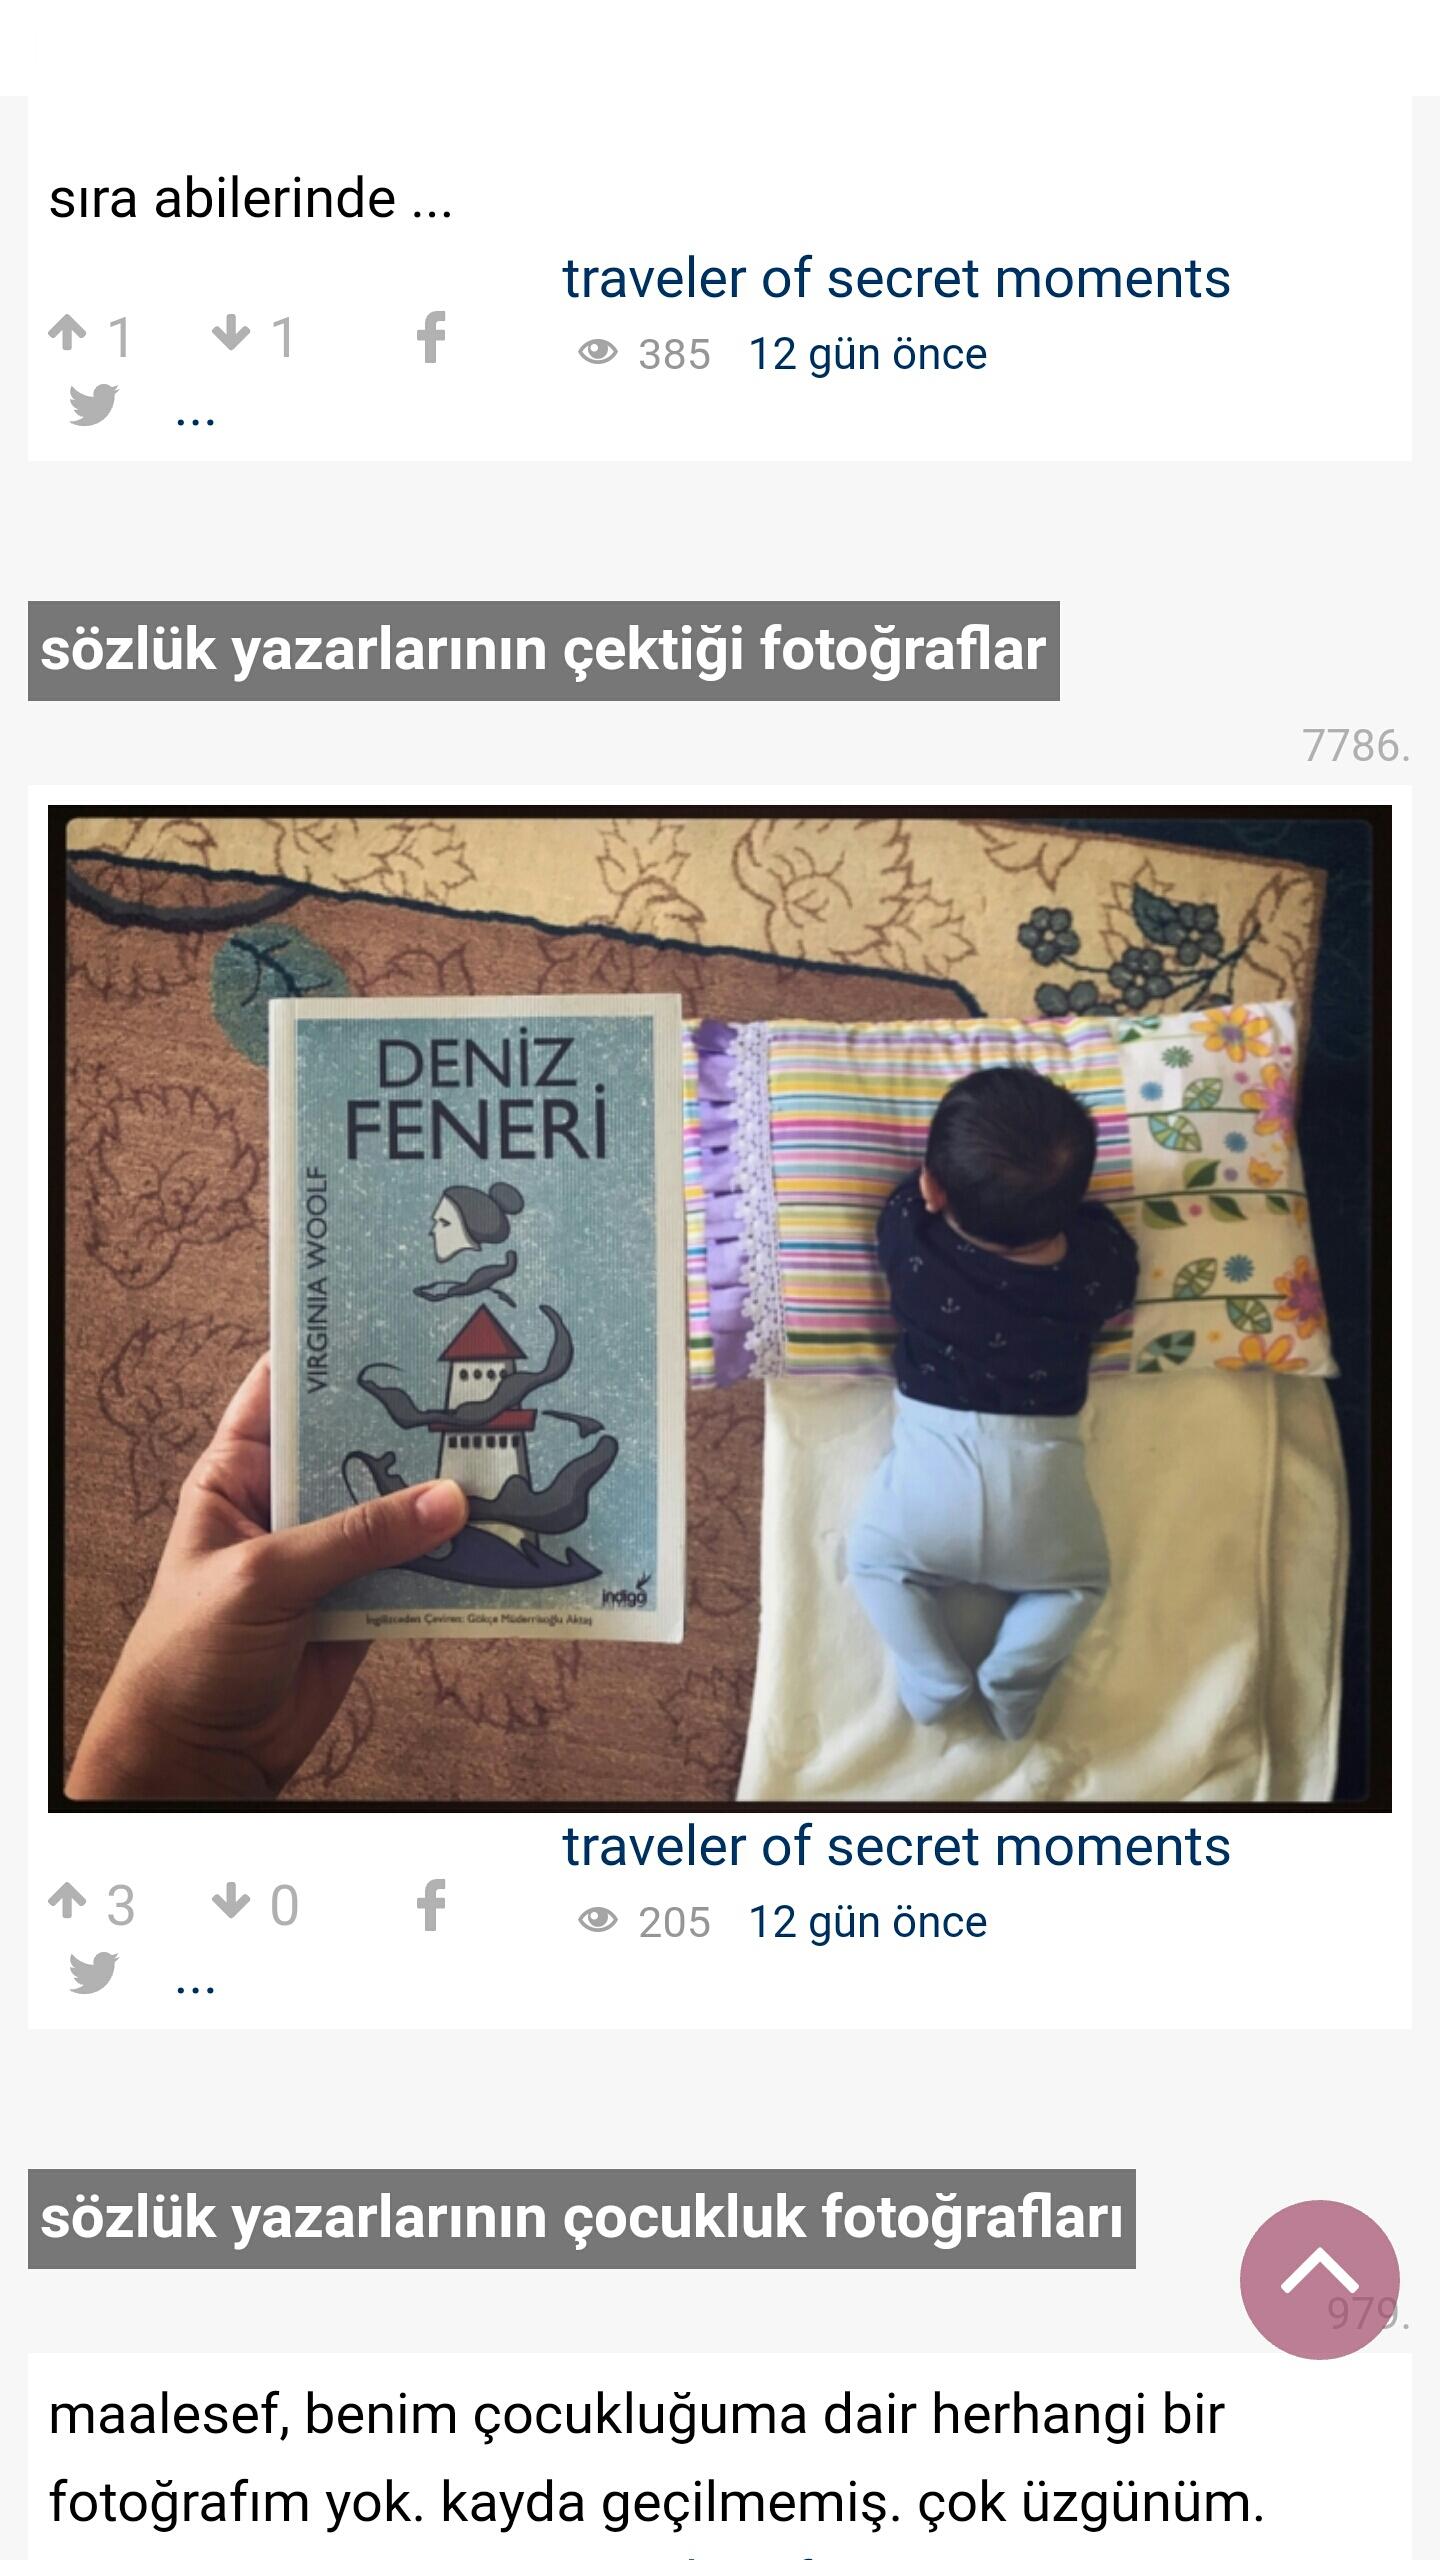 traveler of secret moments